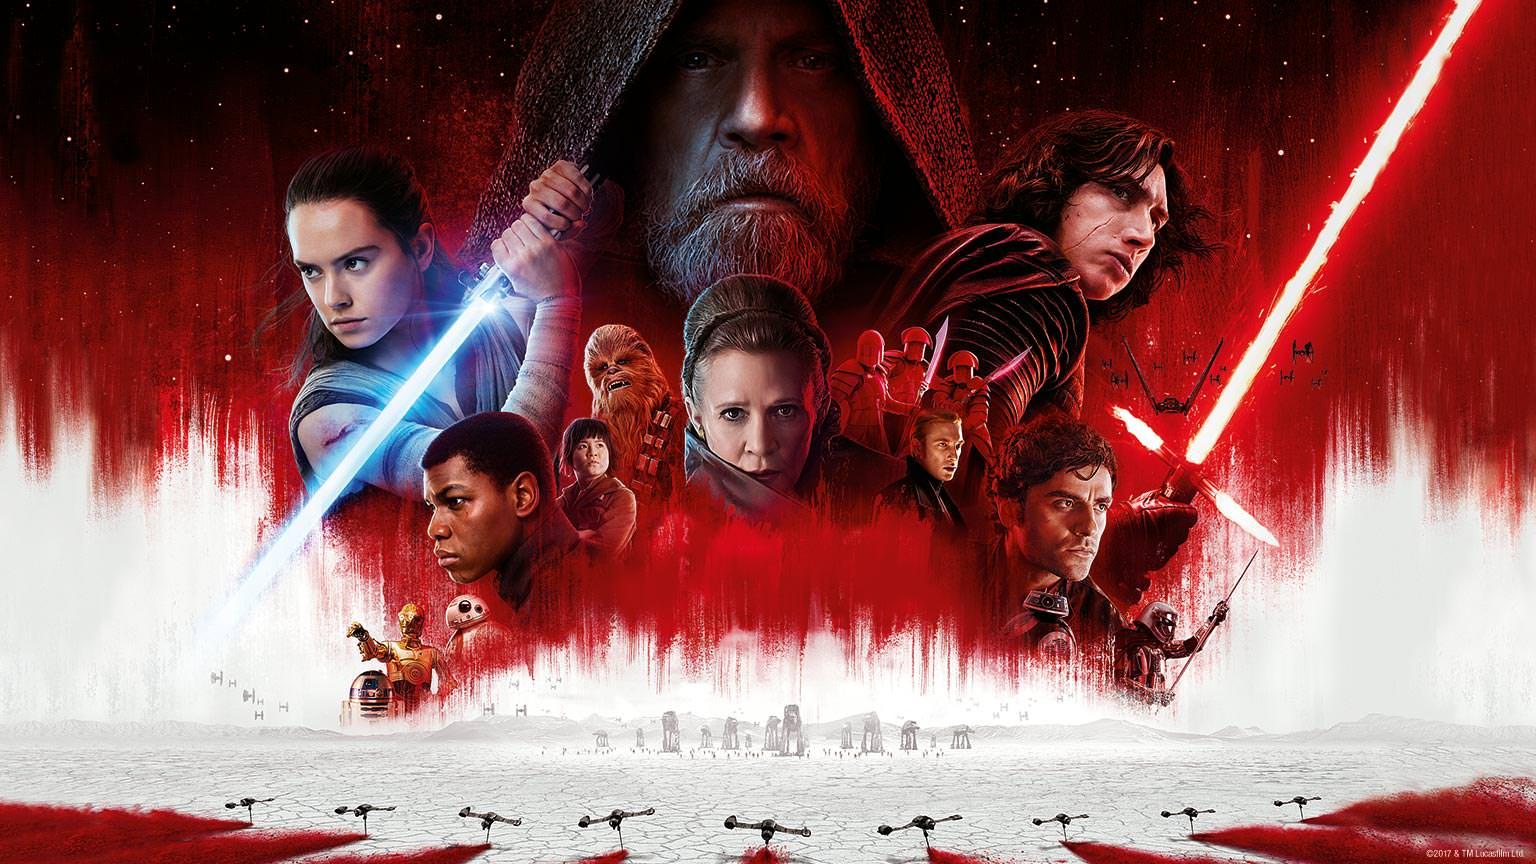 [Кинцо] Звездные Воины, Эпизод VIII: Стражи Галактики. - Изображение 1